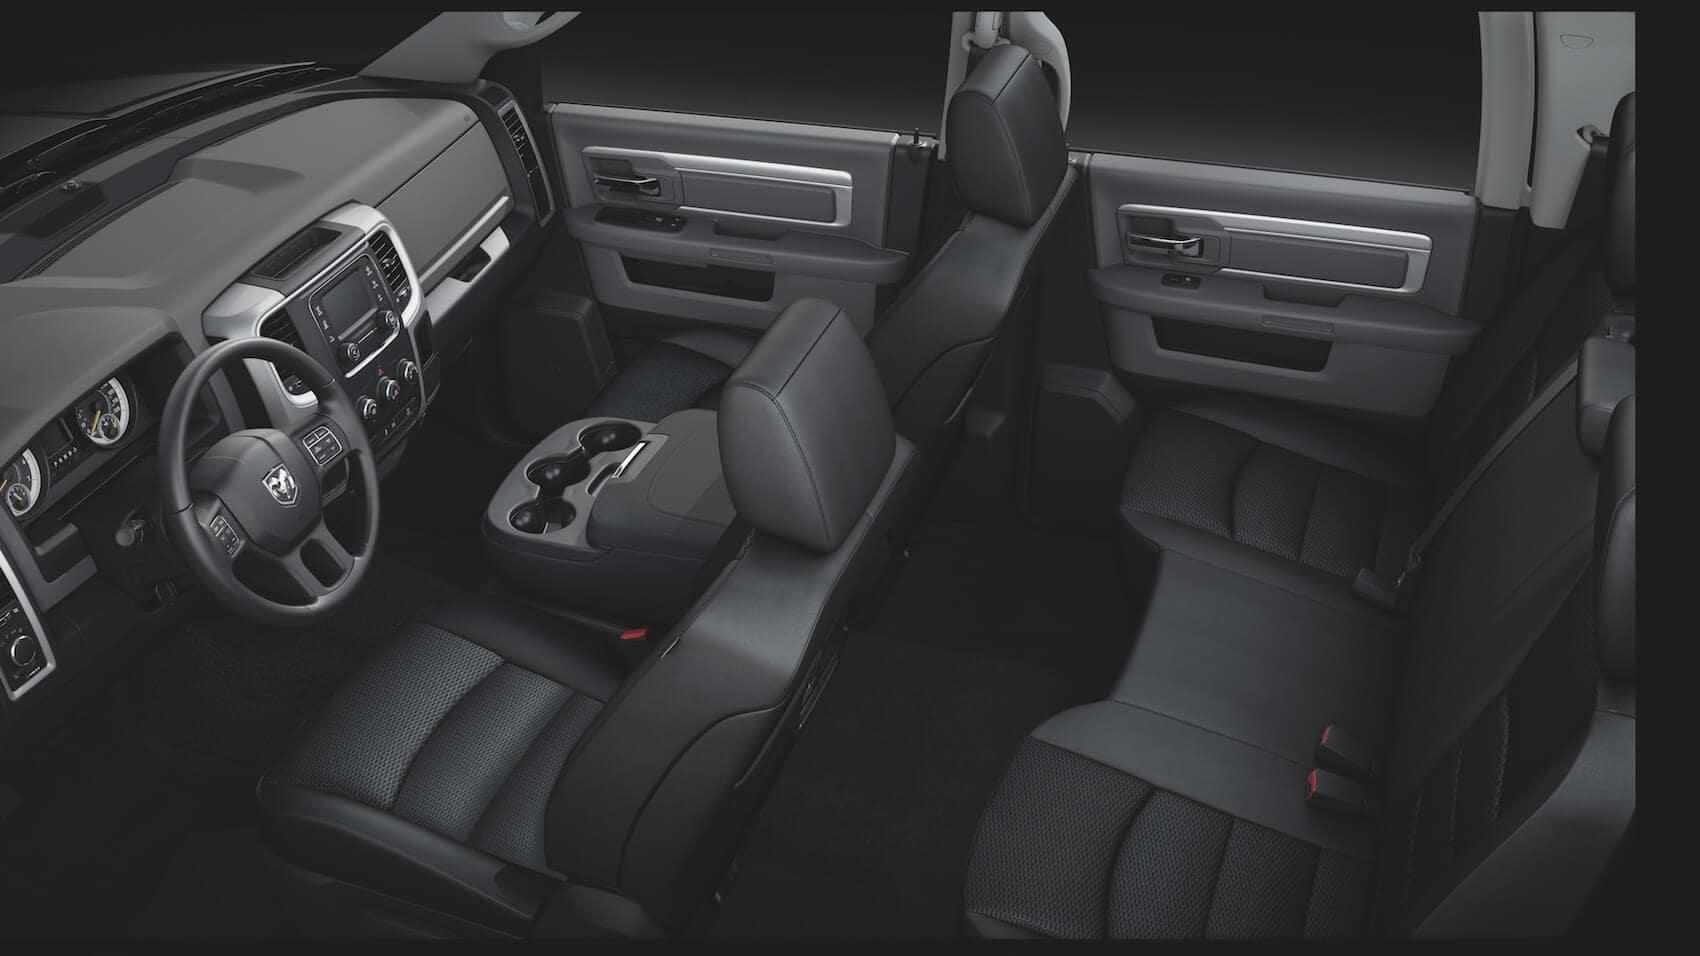 2020 Ram 1500 interior Rockwall, TX